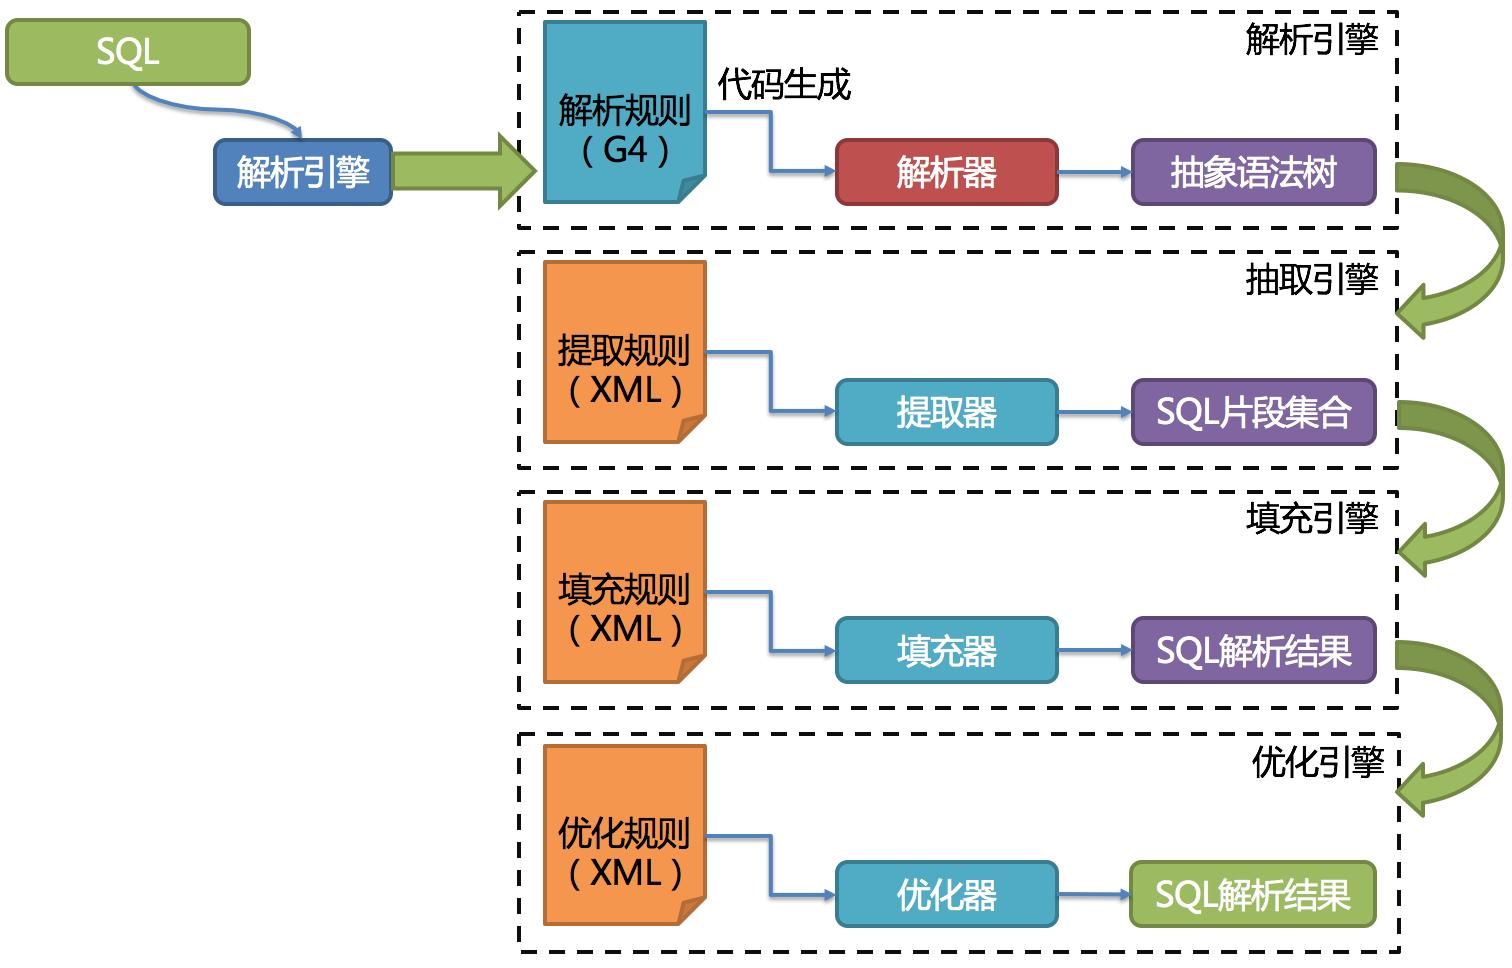 解析引擎结构